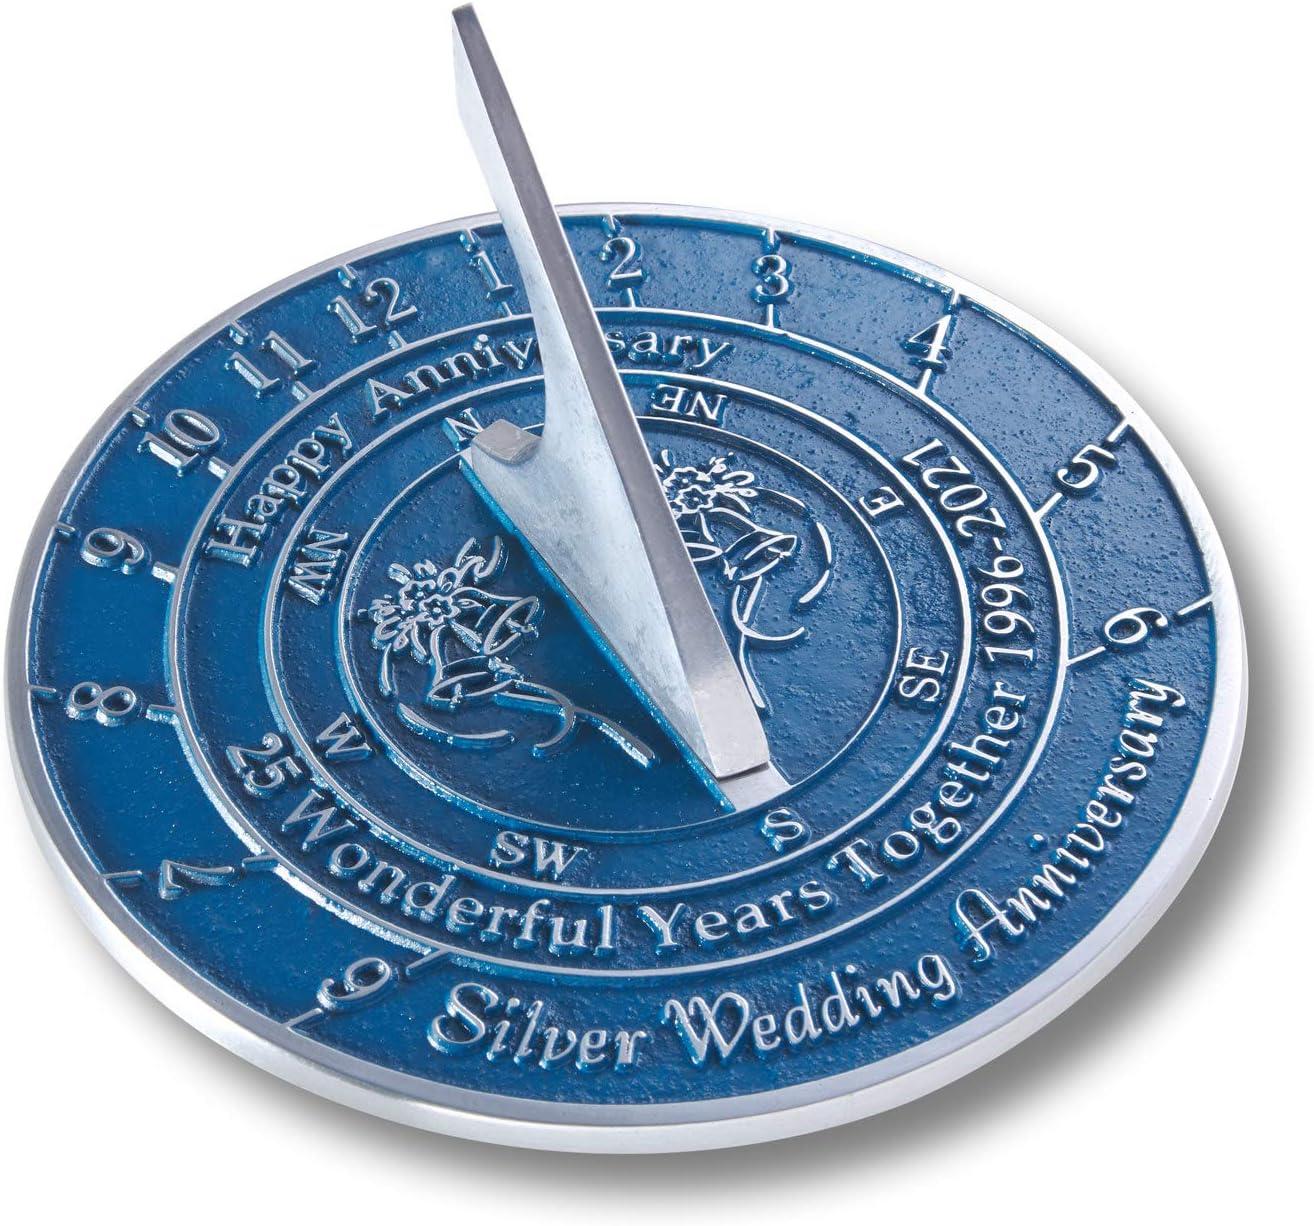 The Metal Foundry Reloj de sol de plata 25 2021 para aniversario de boda, metal reciclado sólido, ideal para regalo para él, ella, padres, abuelos o pareja en 25 años de matrimonio.